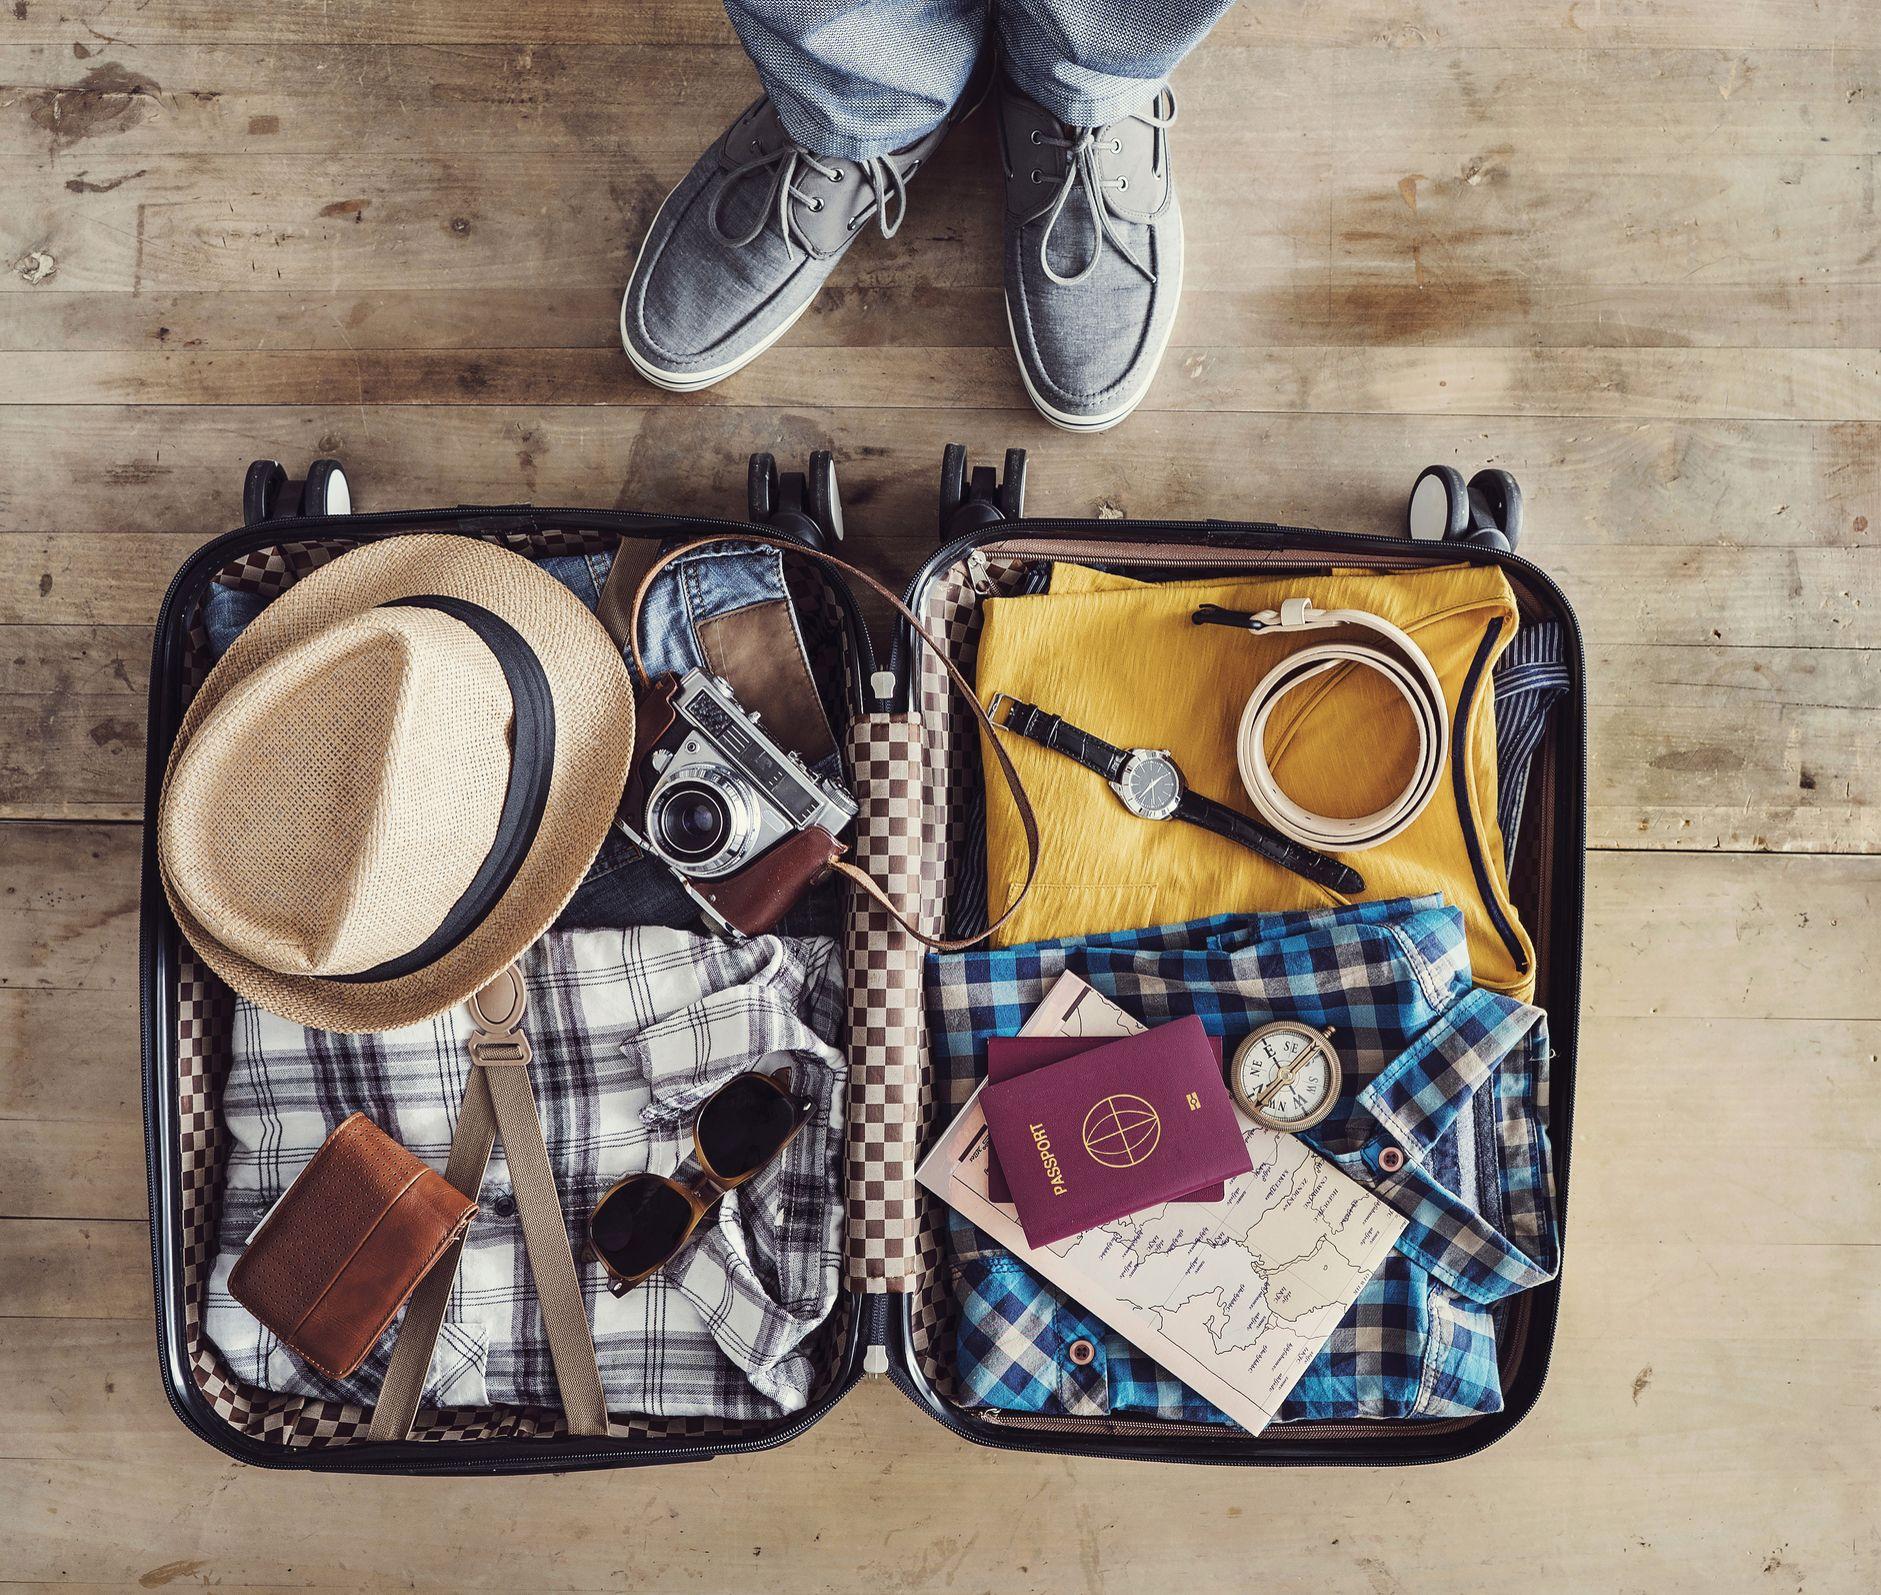 Vous voyagez? Ces objets anodins peuvent vous valoir la prison